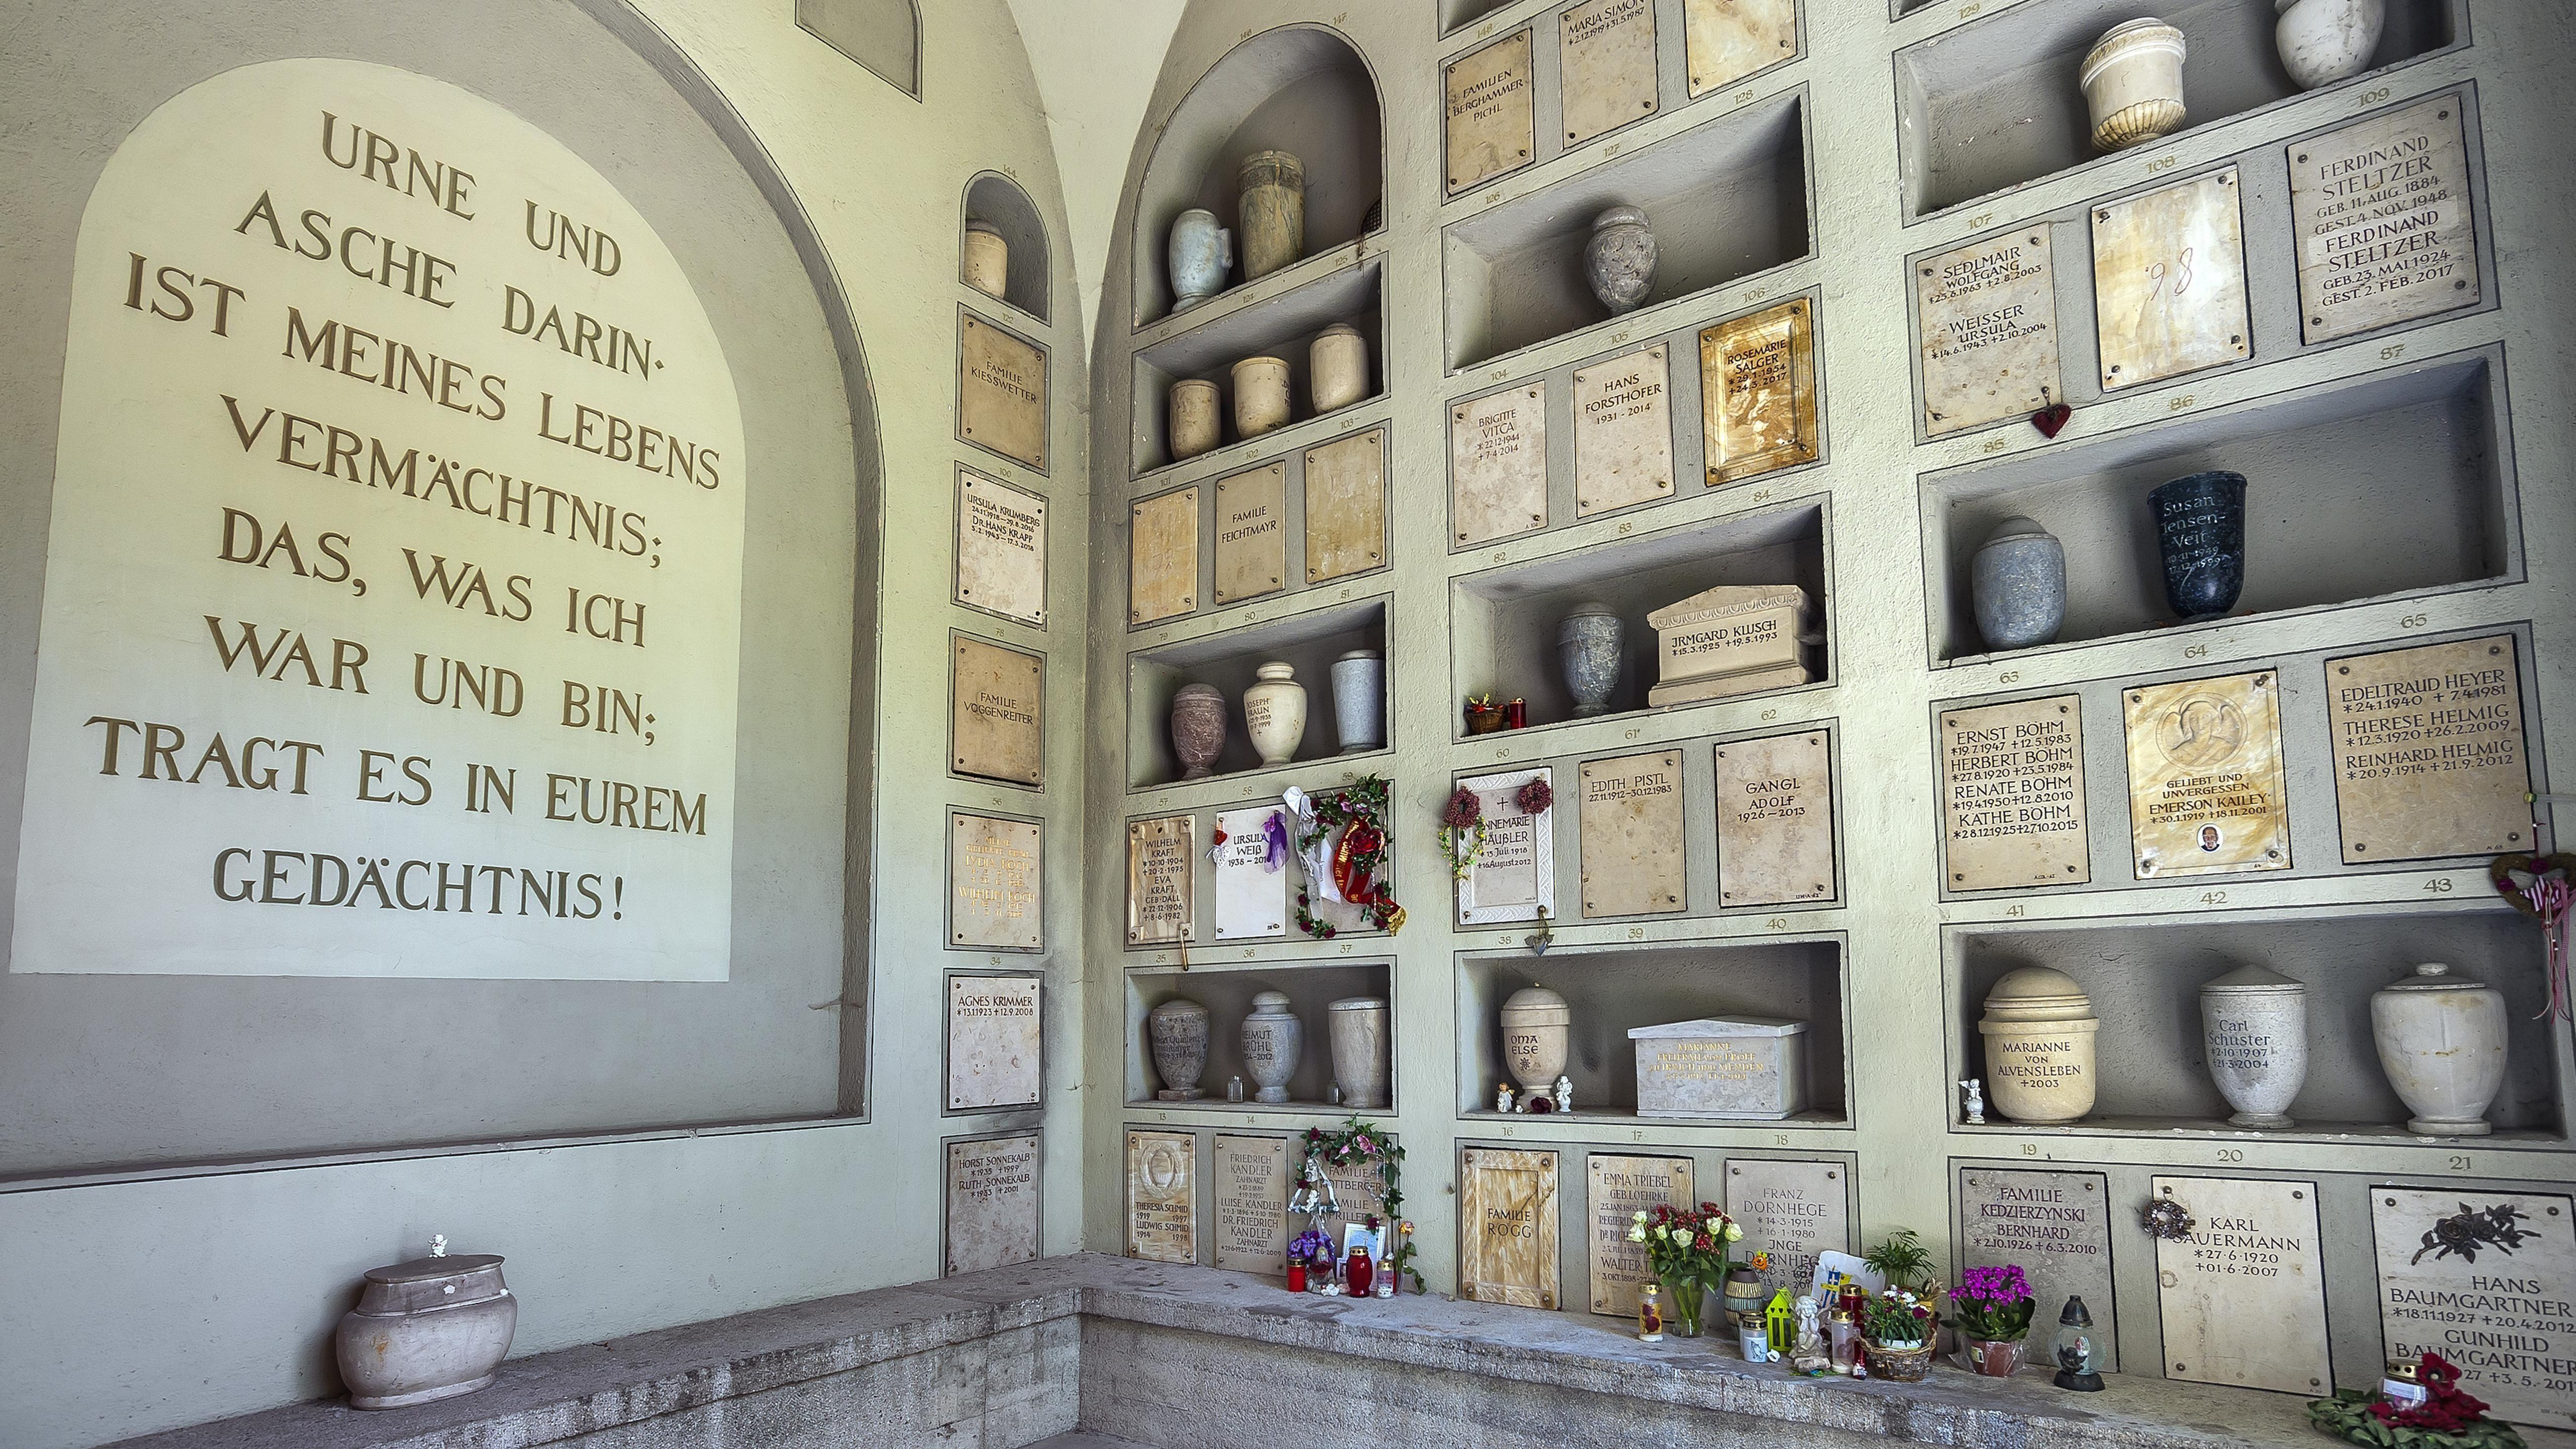 Symbolbild: Die Urnenhalle auf dem Nordfriedhof an der Ungererstraße in München